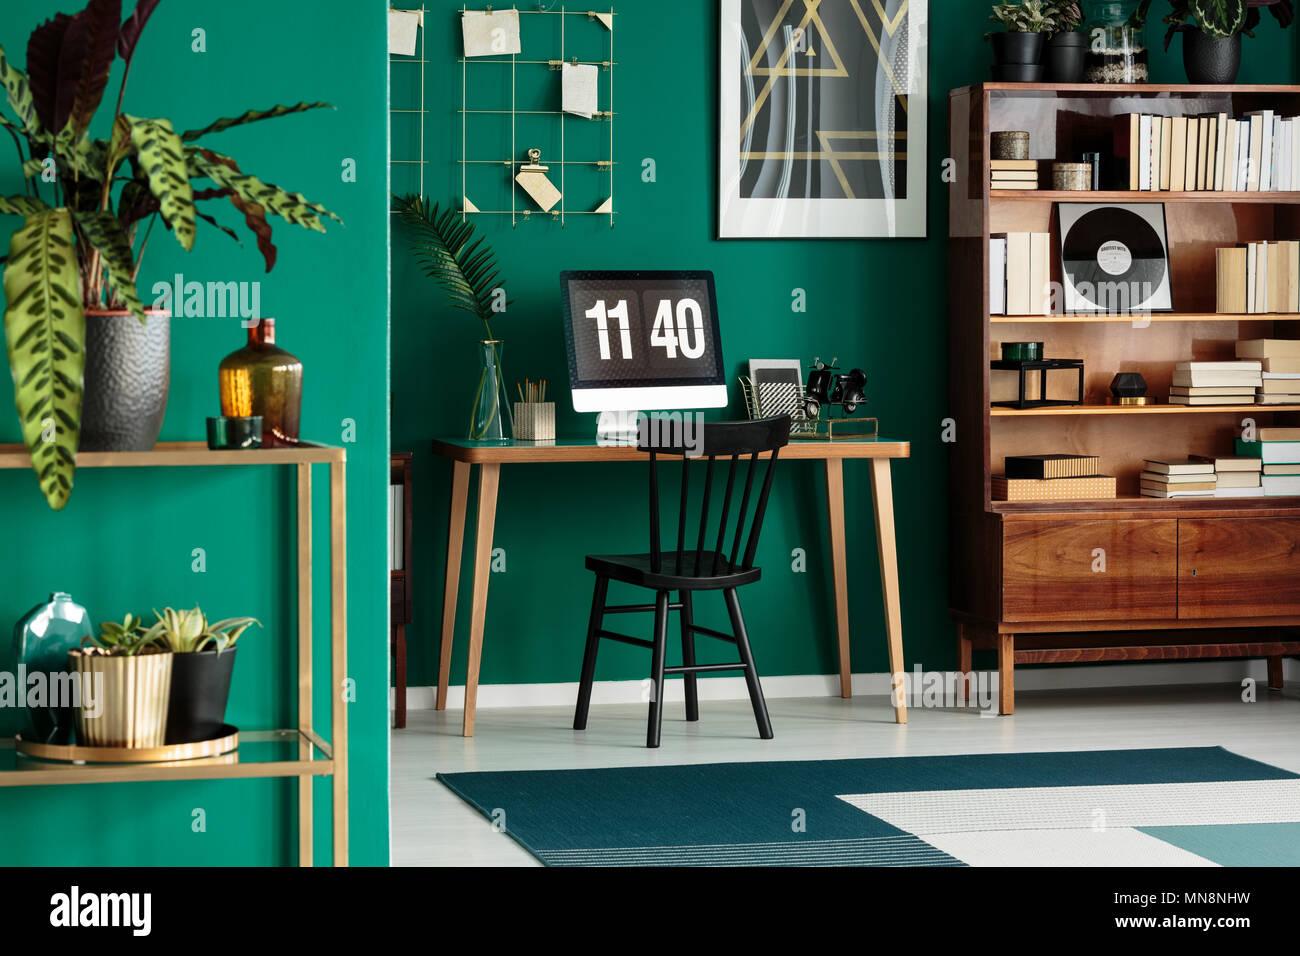 Negro y escritorio con silla de ordenador de sobremesa en la oficina en casa verde interior con muebles de madera Imagen De Stock